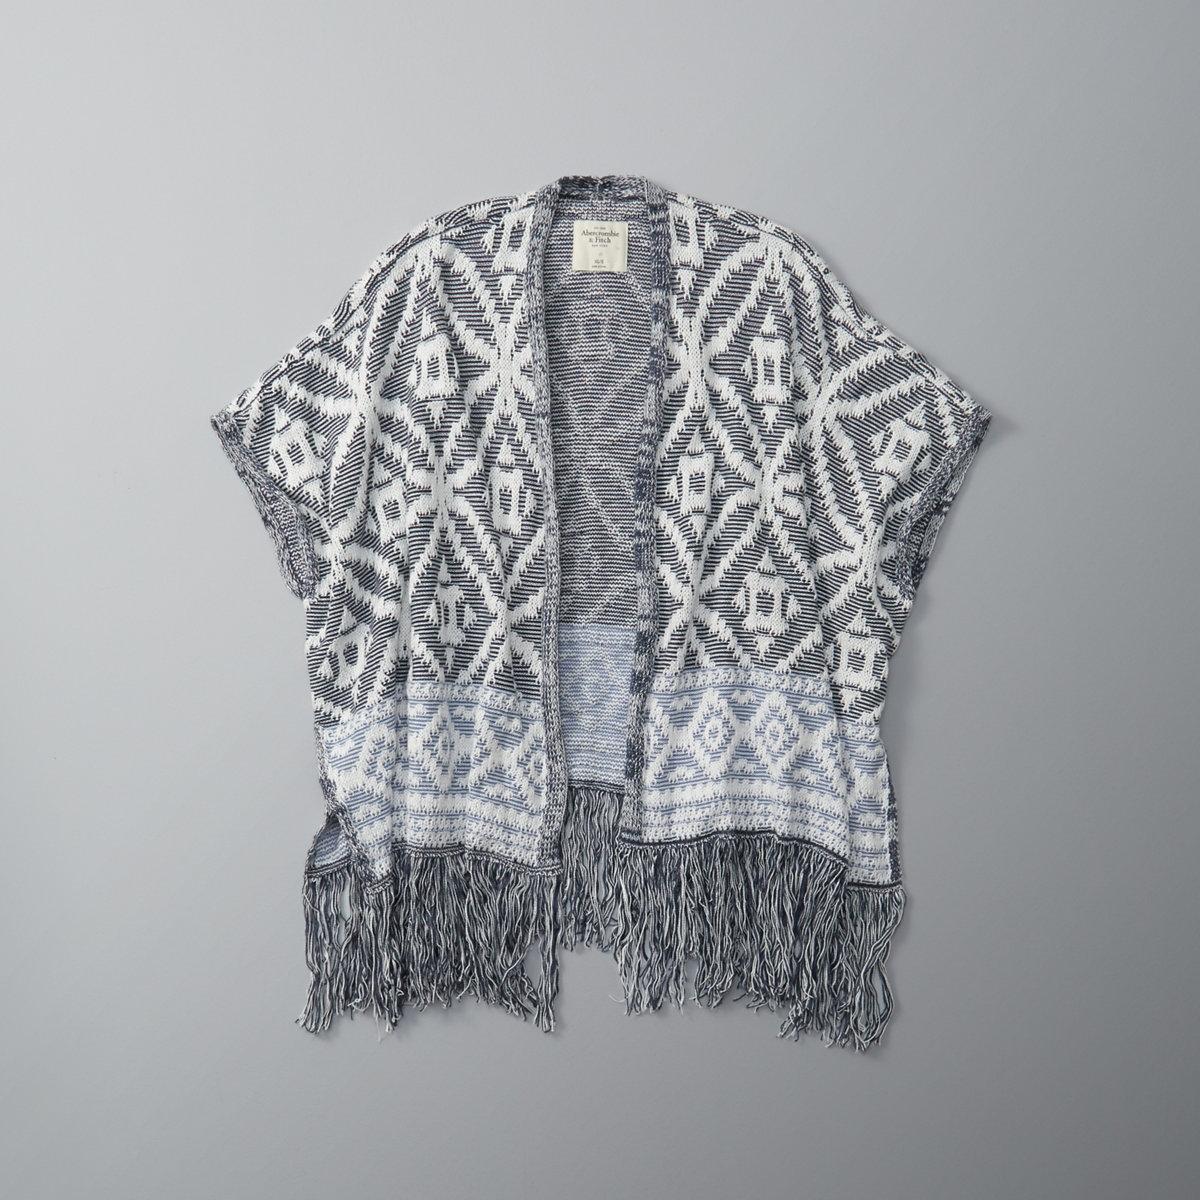 Patterned Kimono Sweater